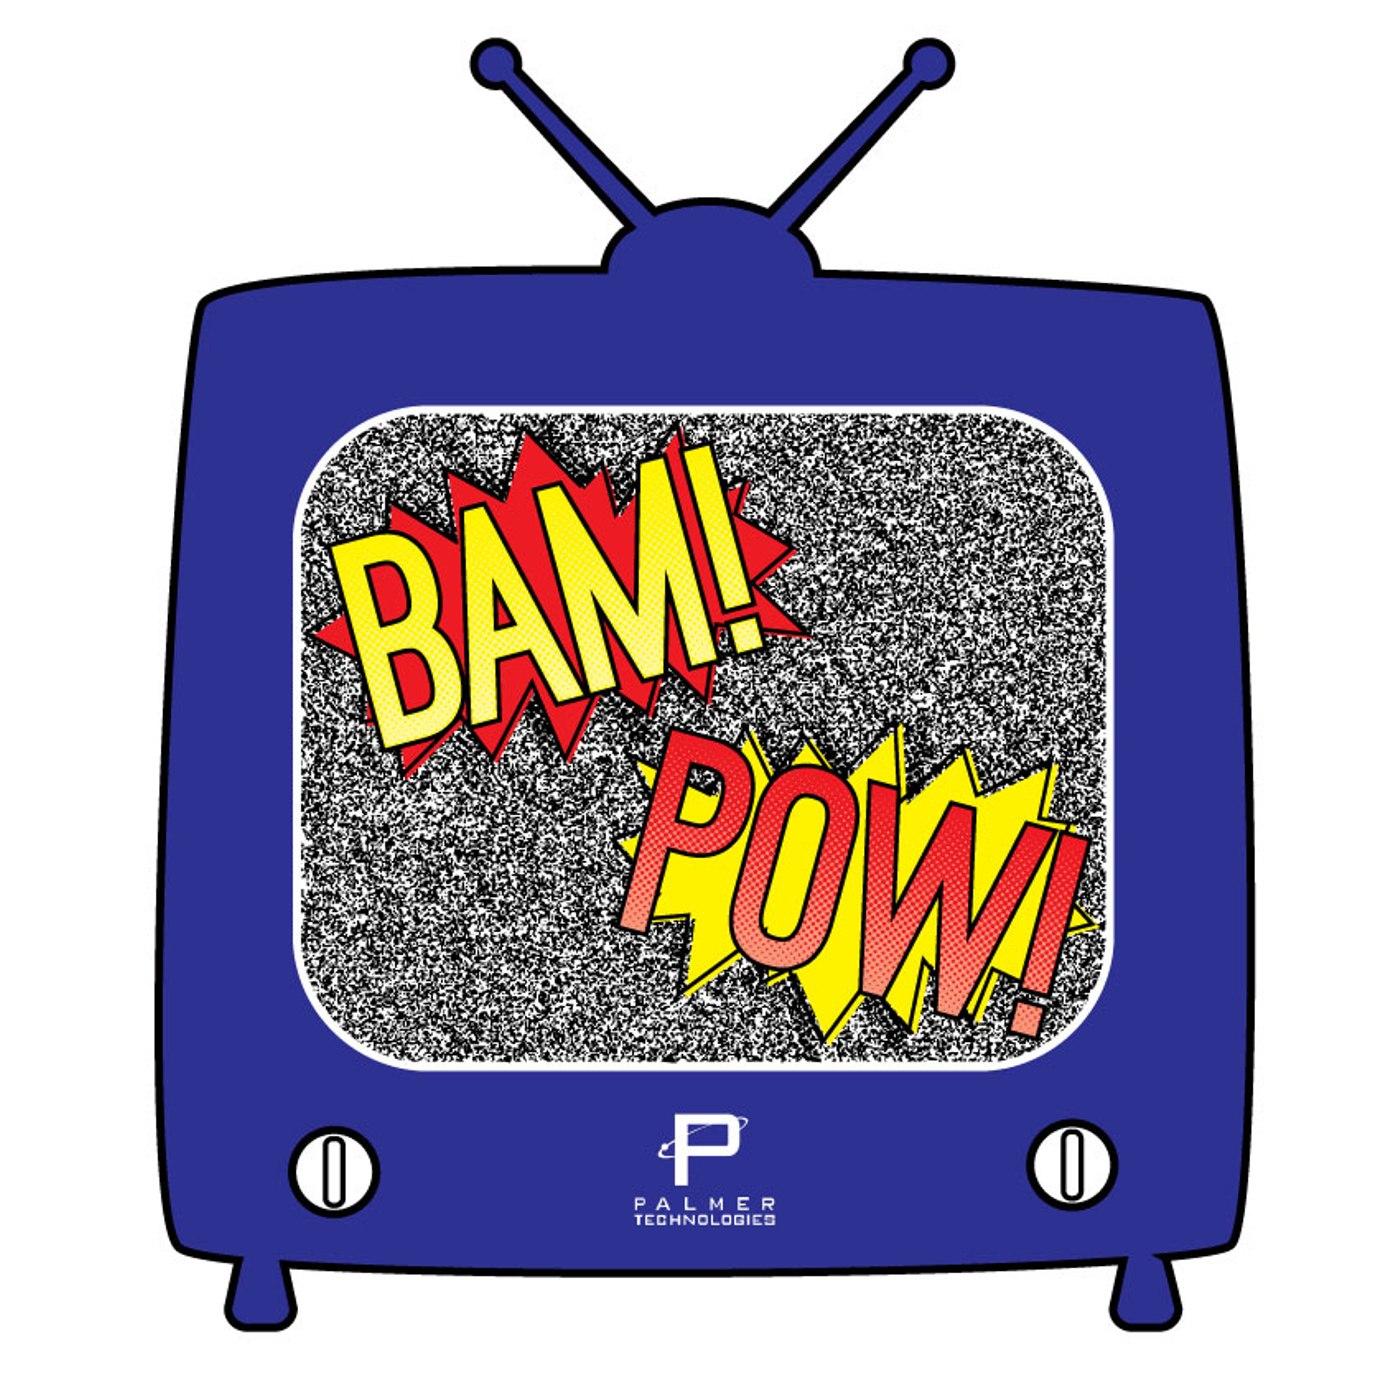 Bam!Pow!TV